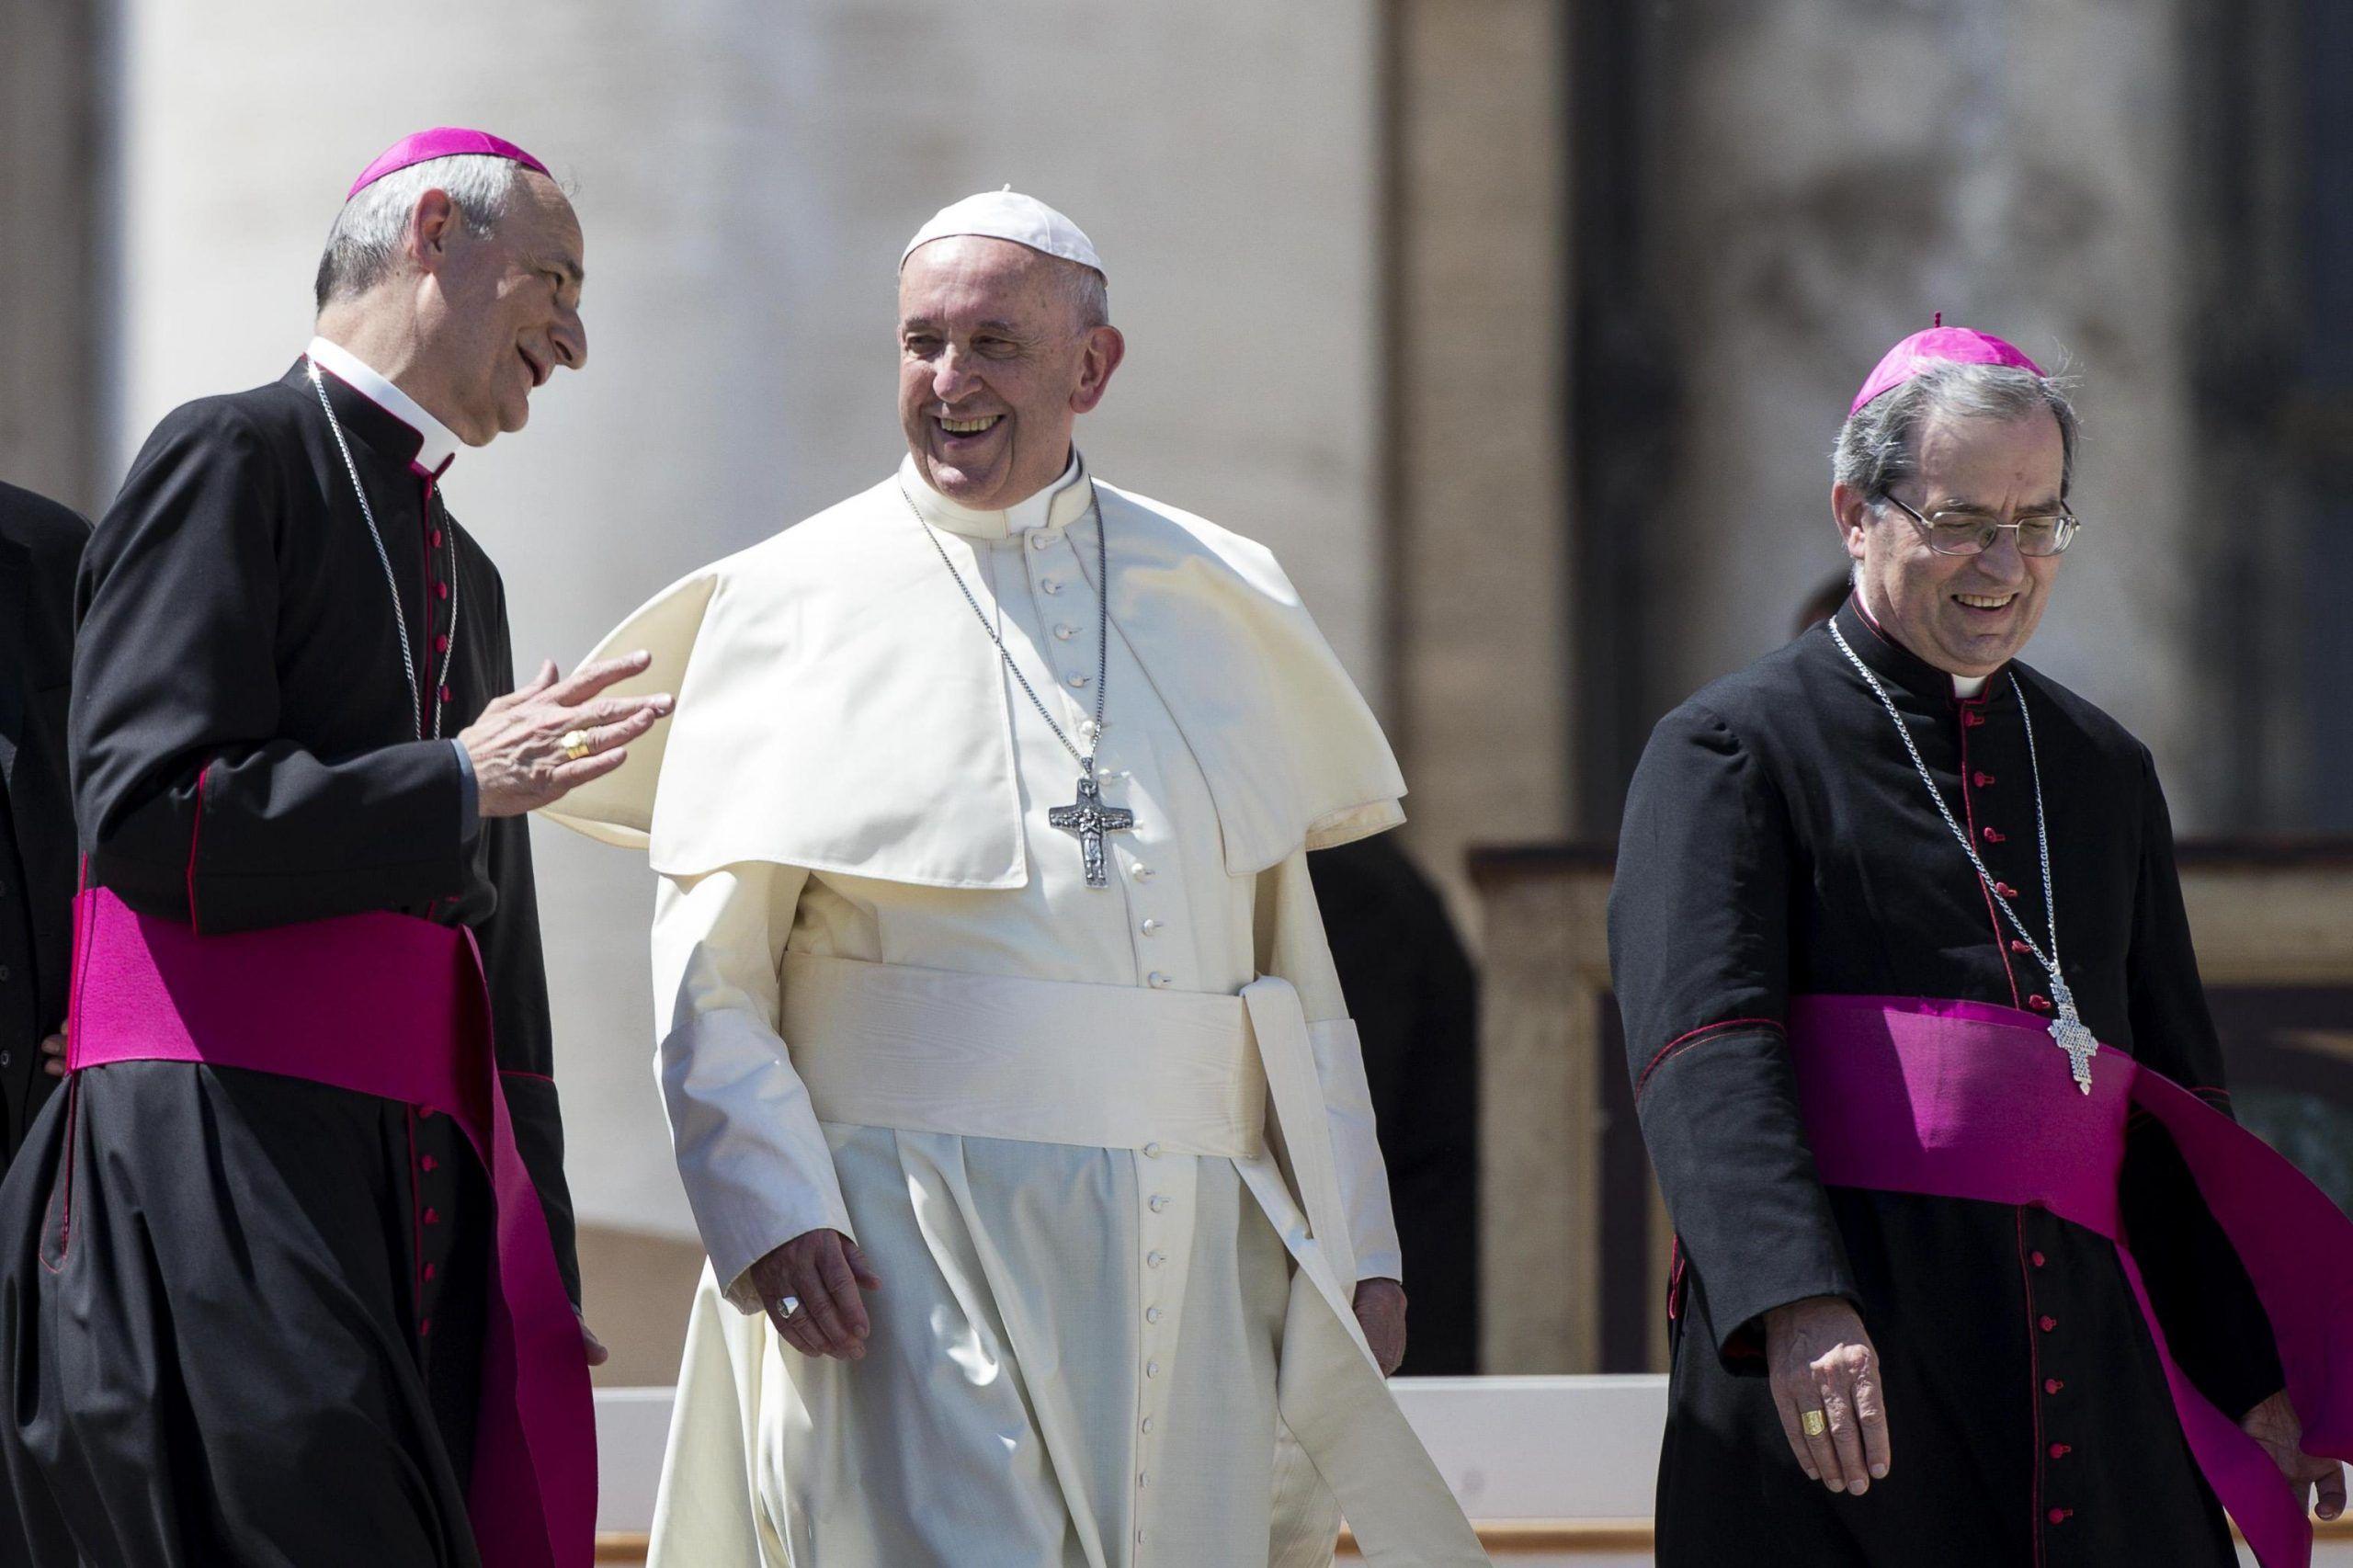 Papa Francesco regala tremila gelati ai senzatetto in occasione del suo onomastico